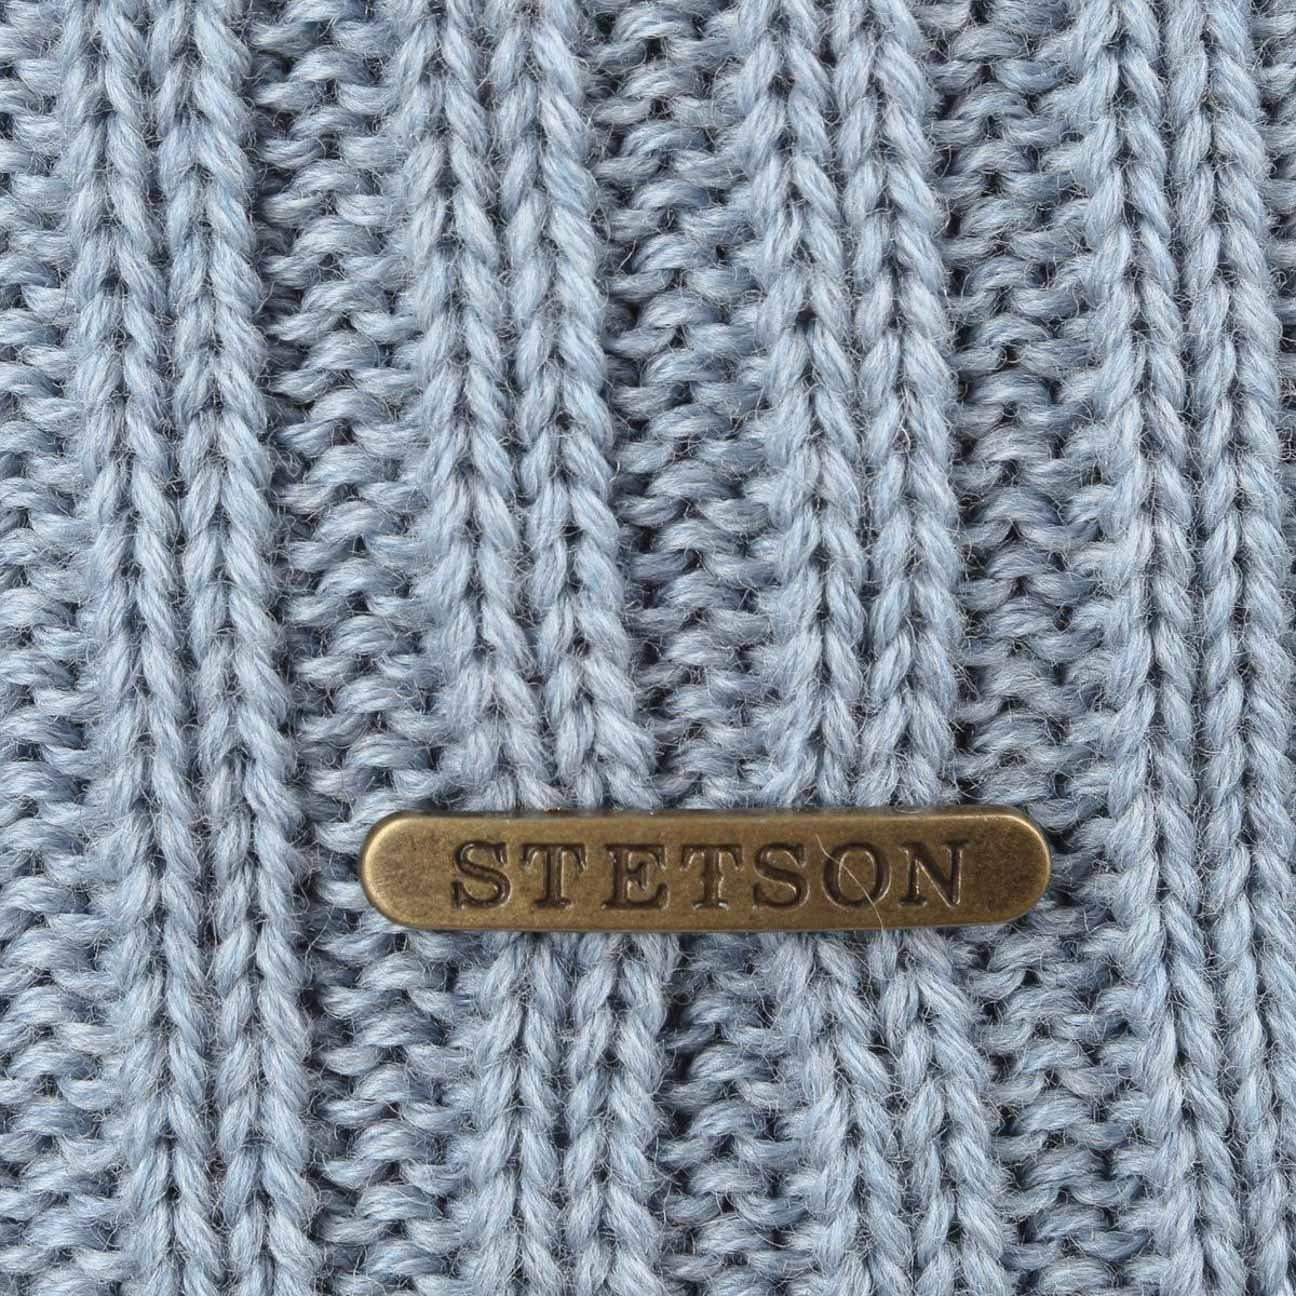 M/ütze Made in Italy Seemannsm/ütze f/ür Damen//Herren Wollm/ütze Herbst//Winter Merinom/ütze Stetson Northport Winterm/ütze aus Merinowolle